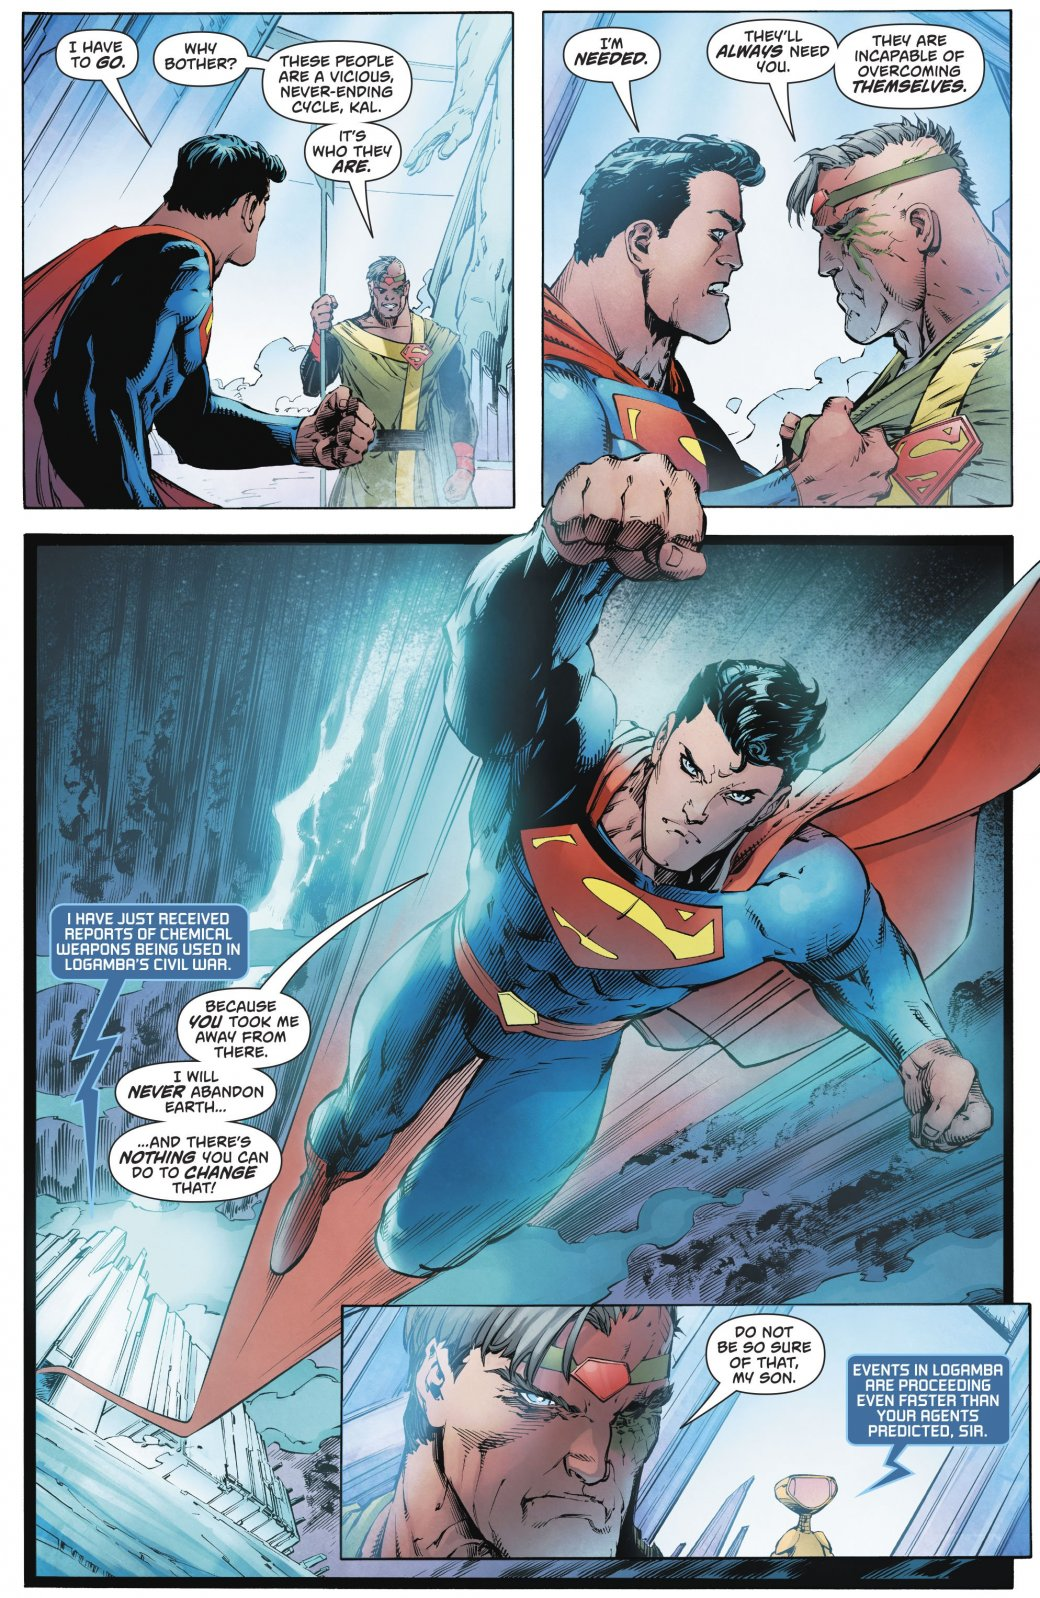 Сможетли Мистер Озуговорить Супермена покинуть Землю?. - Изображение 2